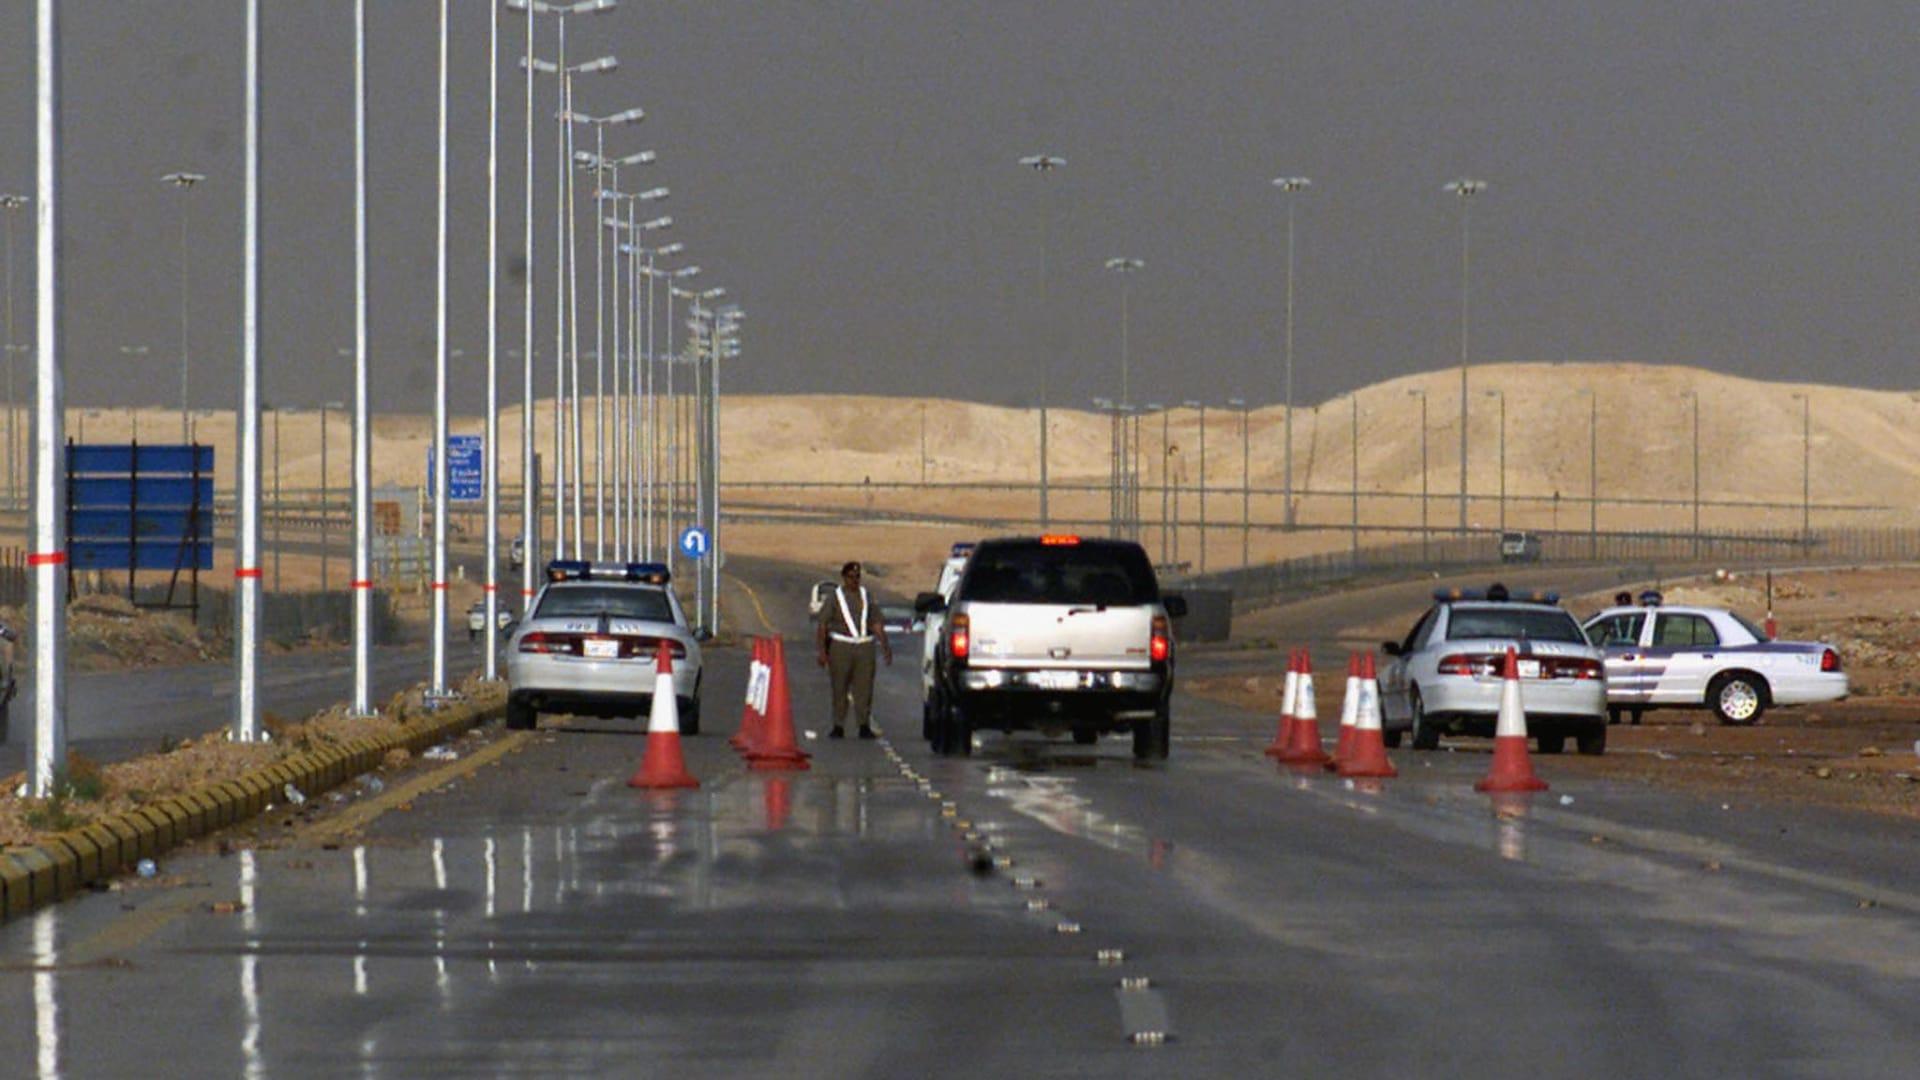 بين تركيا ومصر والسعودية.. أقوى 7 جيوش بعدد المدافع ذاتية الحركة